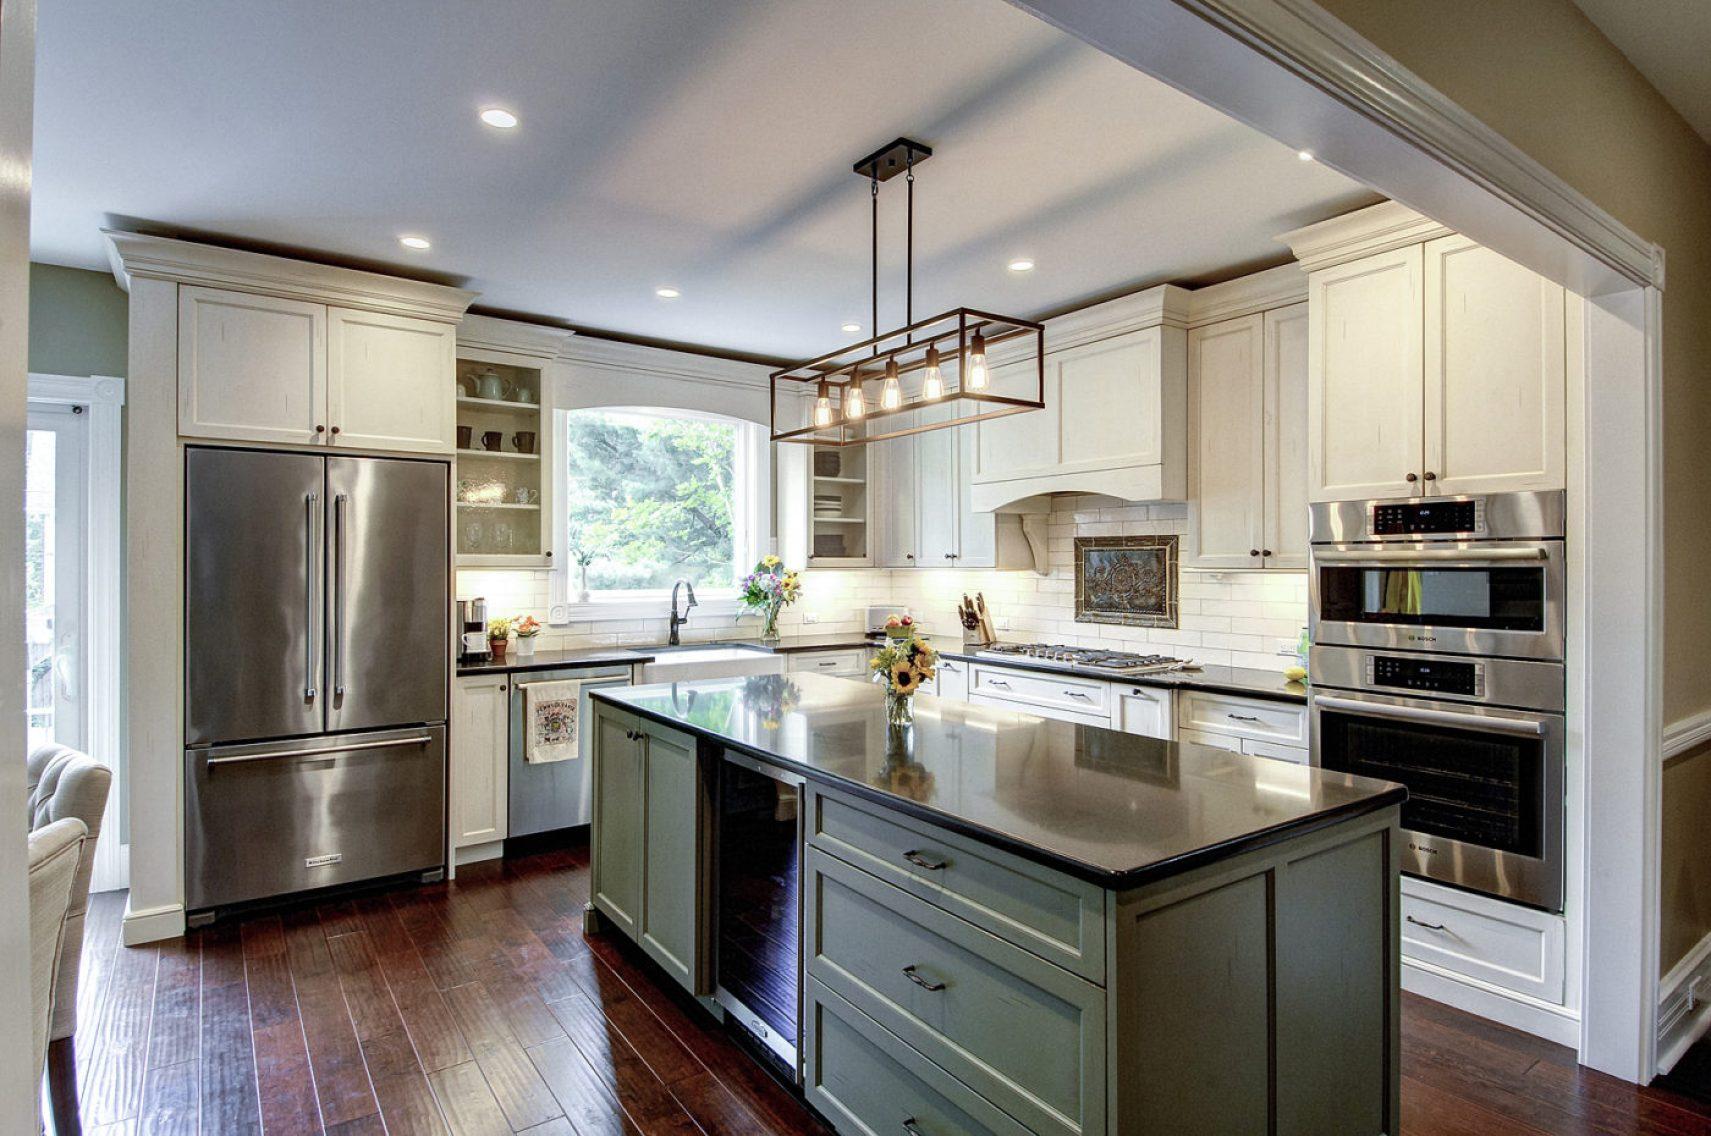 the best kitchen remodeling contractors in philadelphia - custom